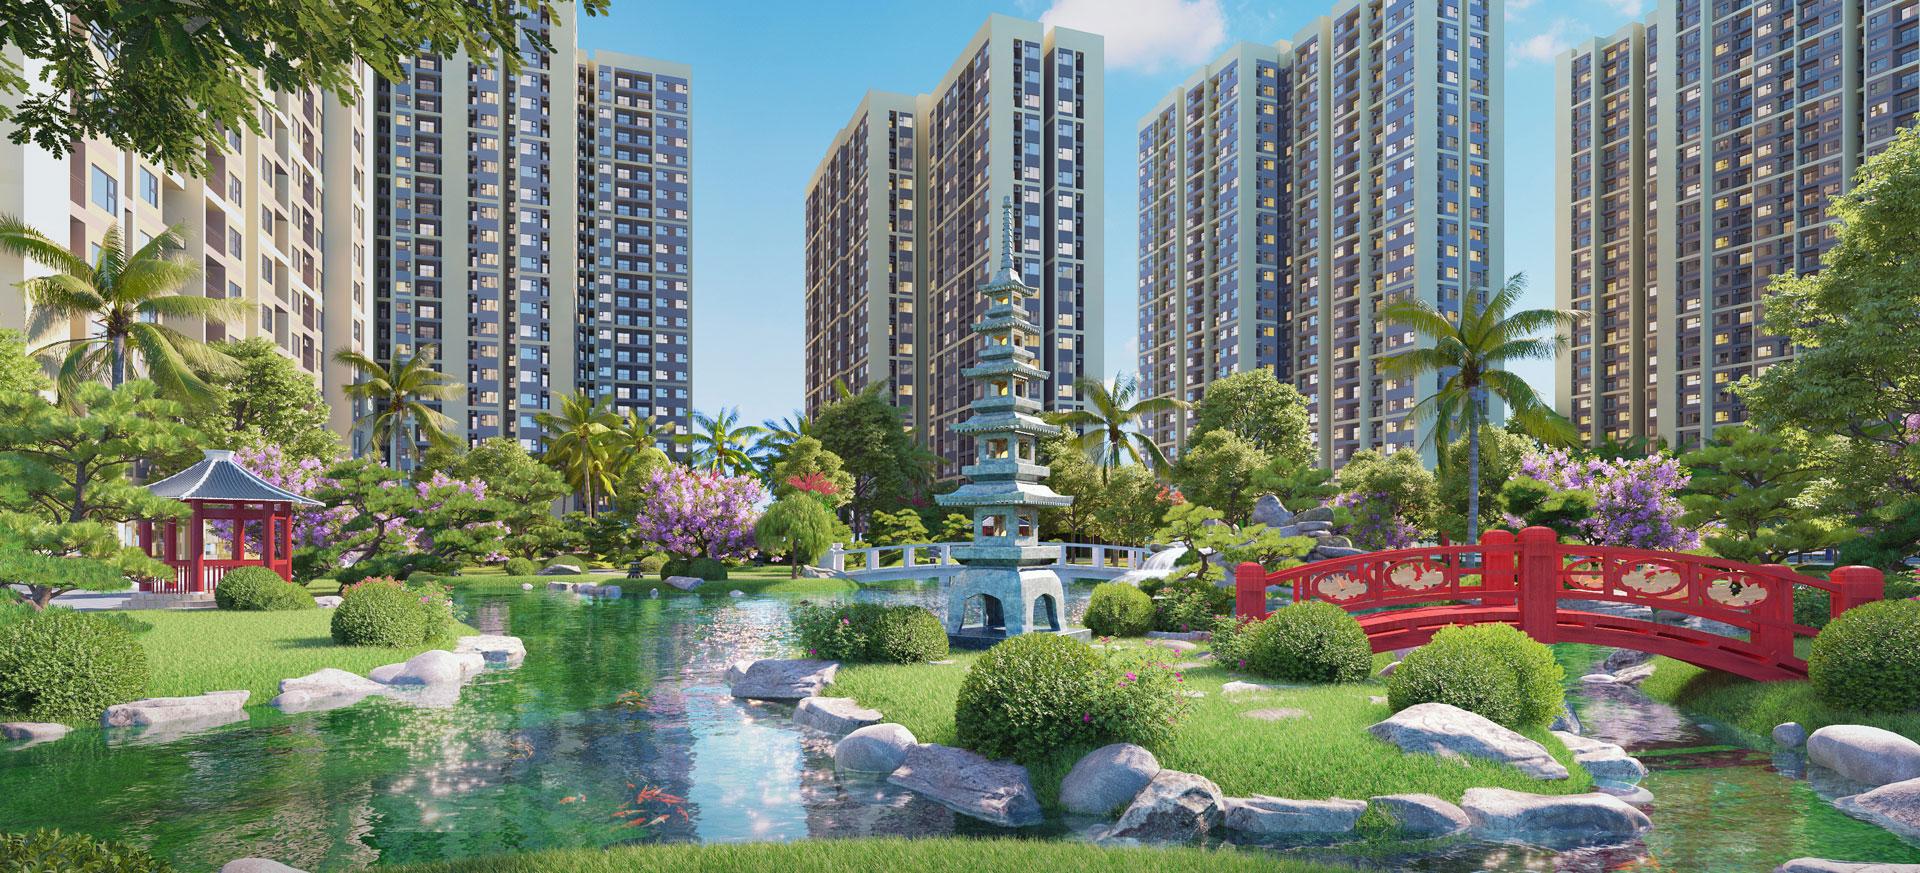 Đông Tây Land độc quyền tòa căn hộ đẹp nhất The Origami – Vinhomes Grand Park